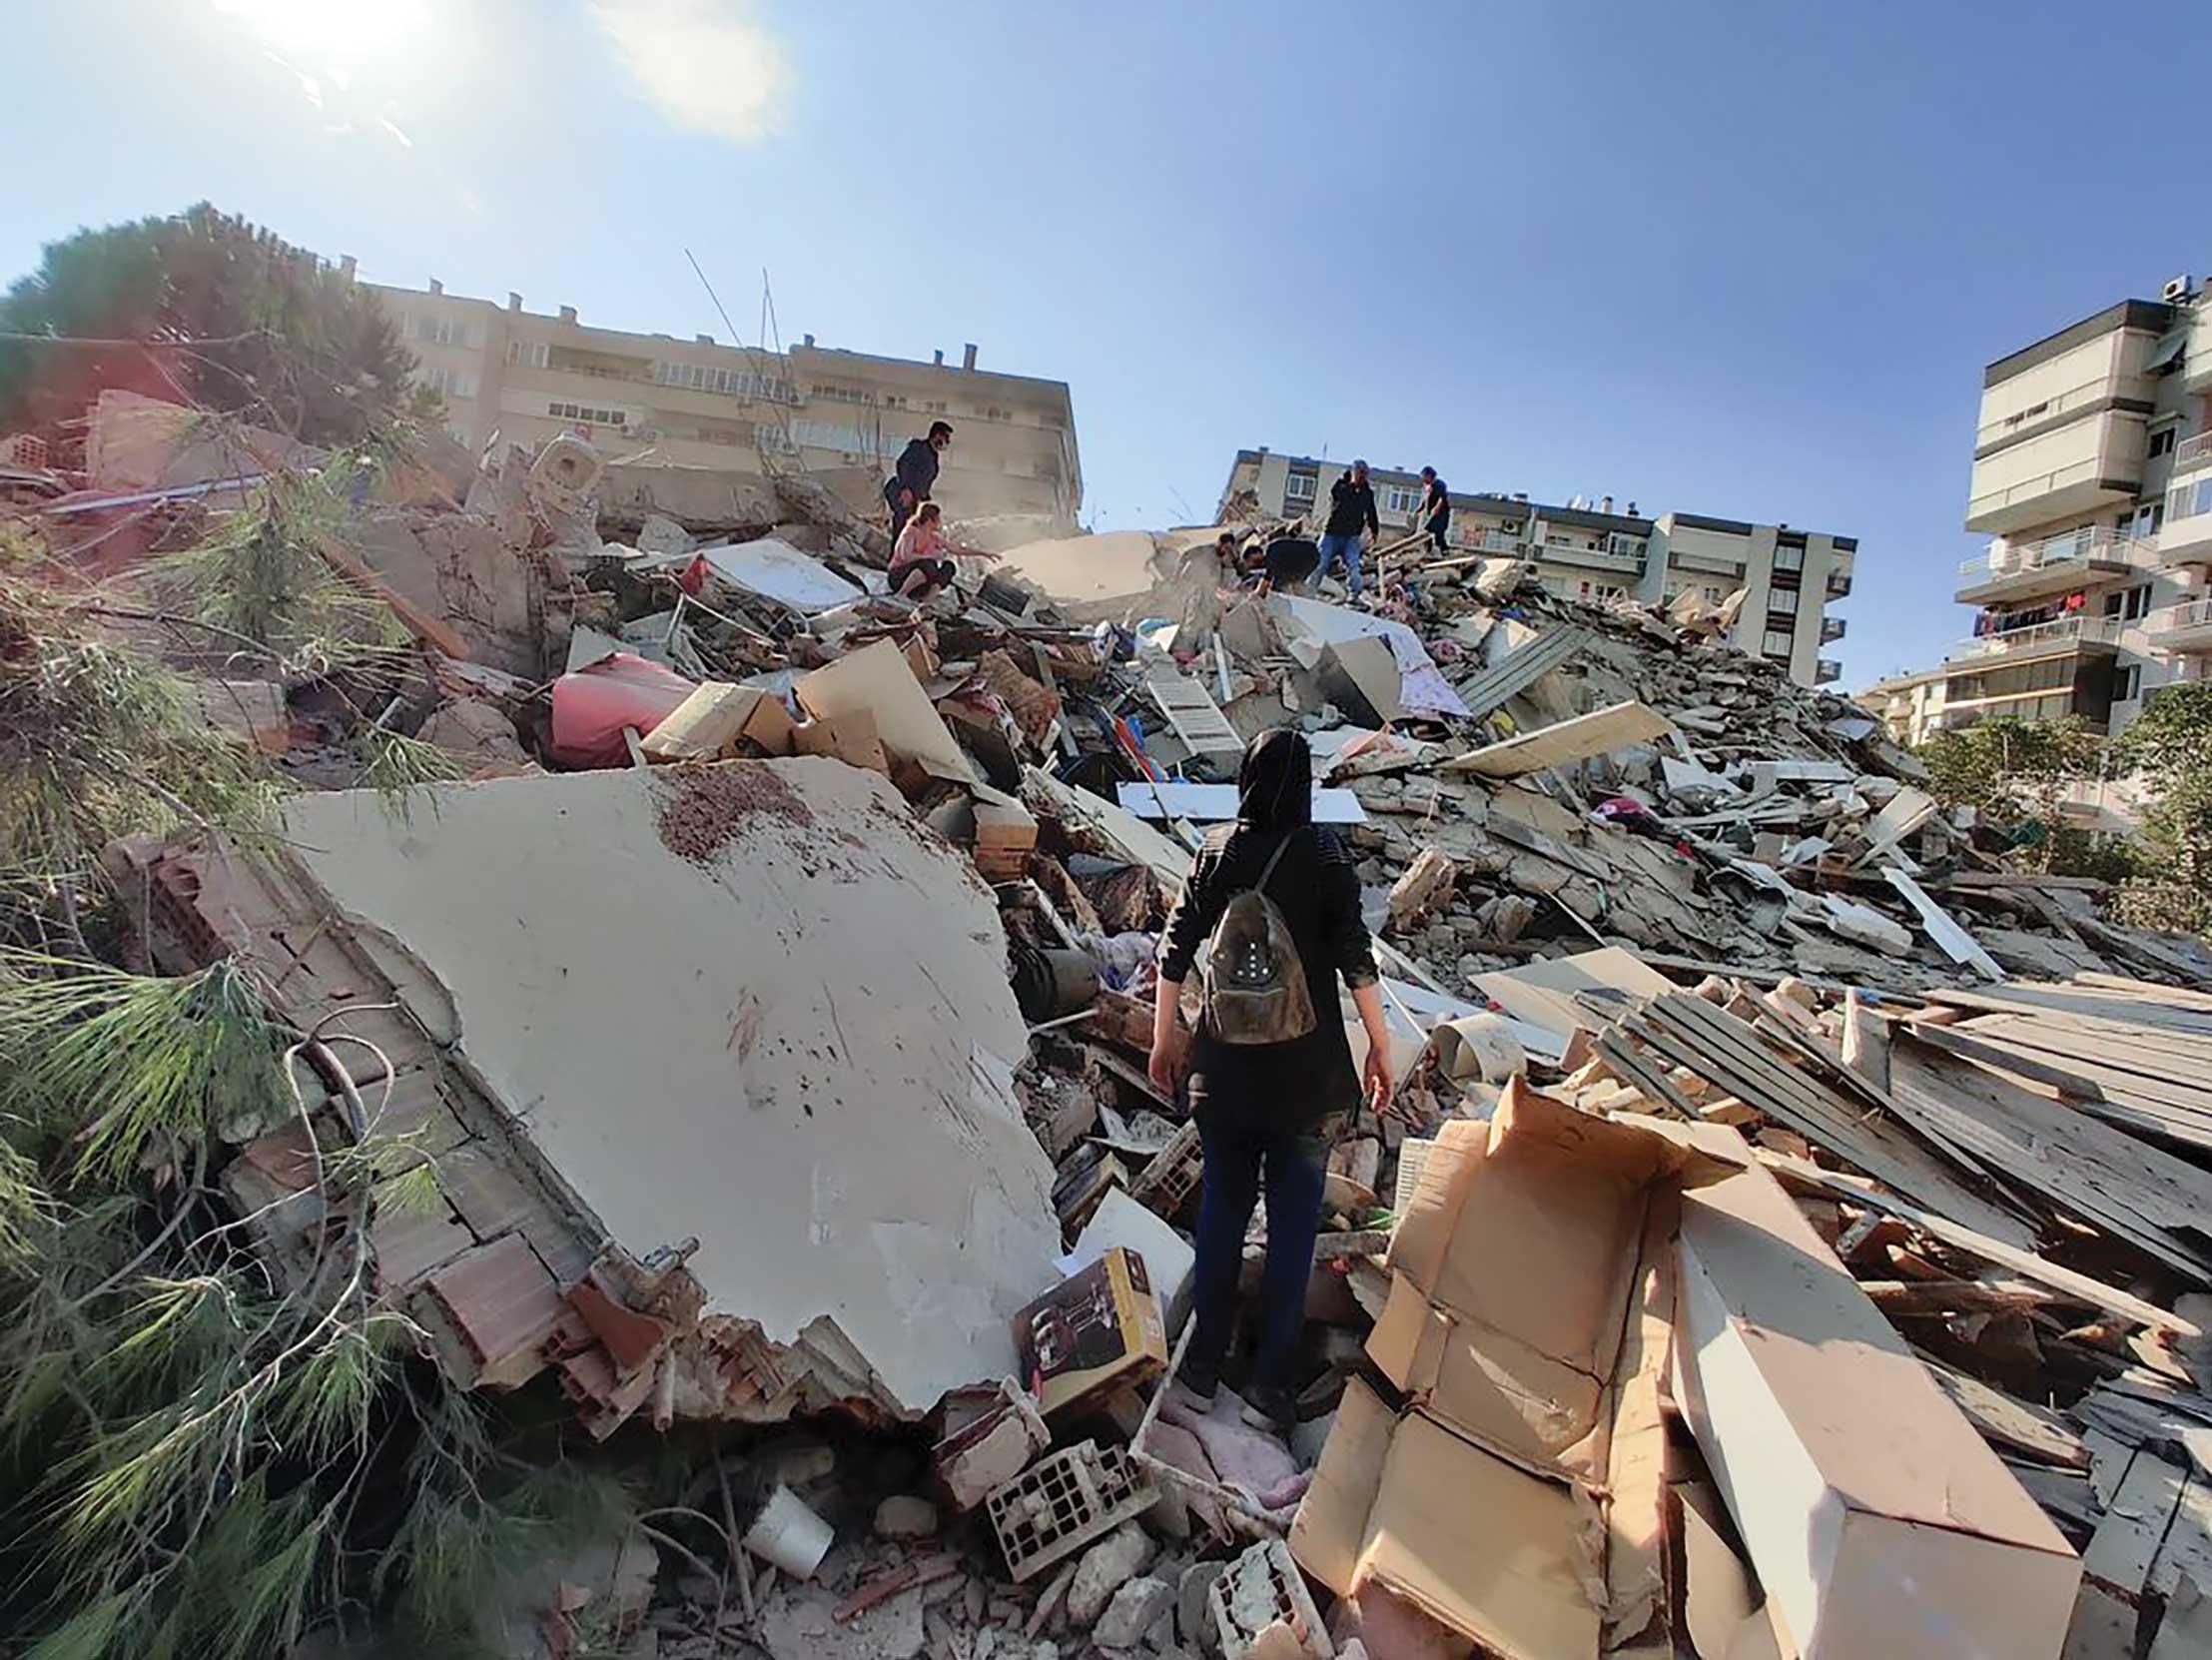 Mesaj de compasiune şi solidaritate cu cei afectaţi de cutremurul din Turcia